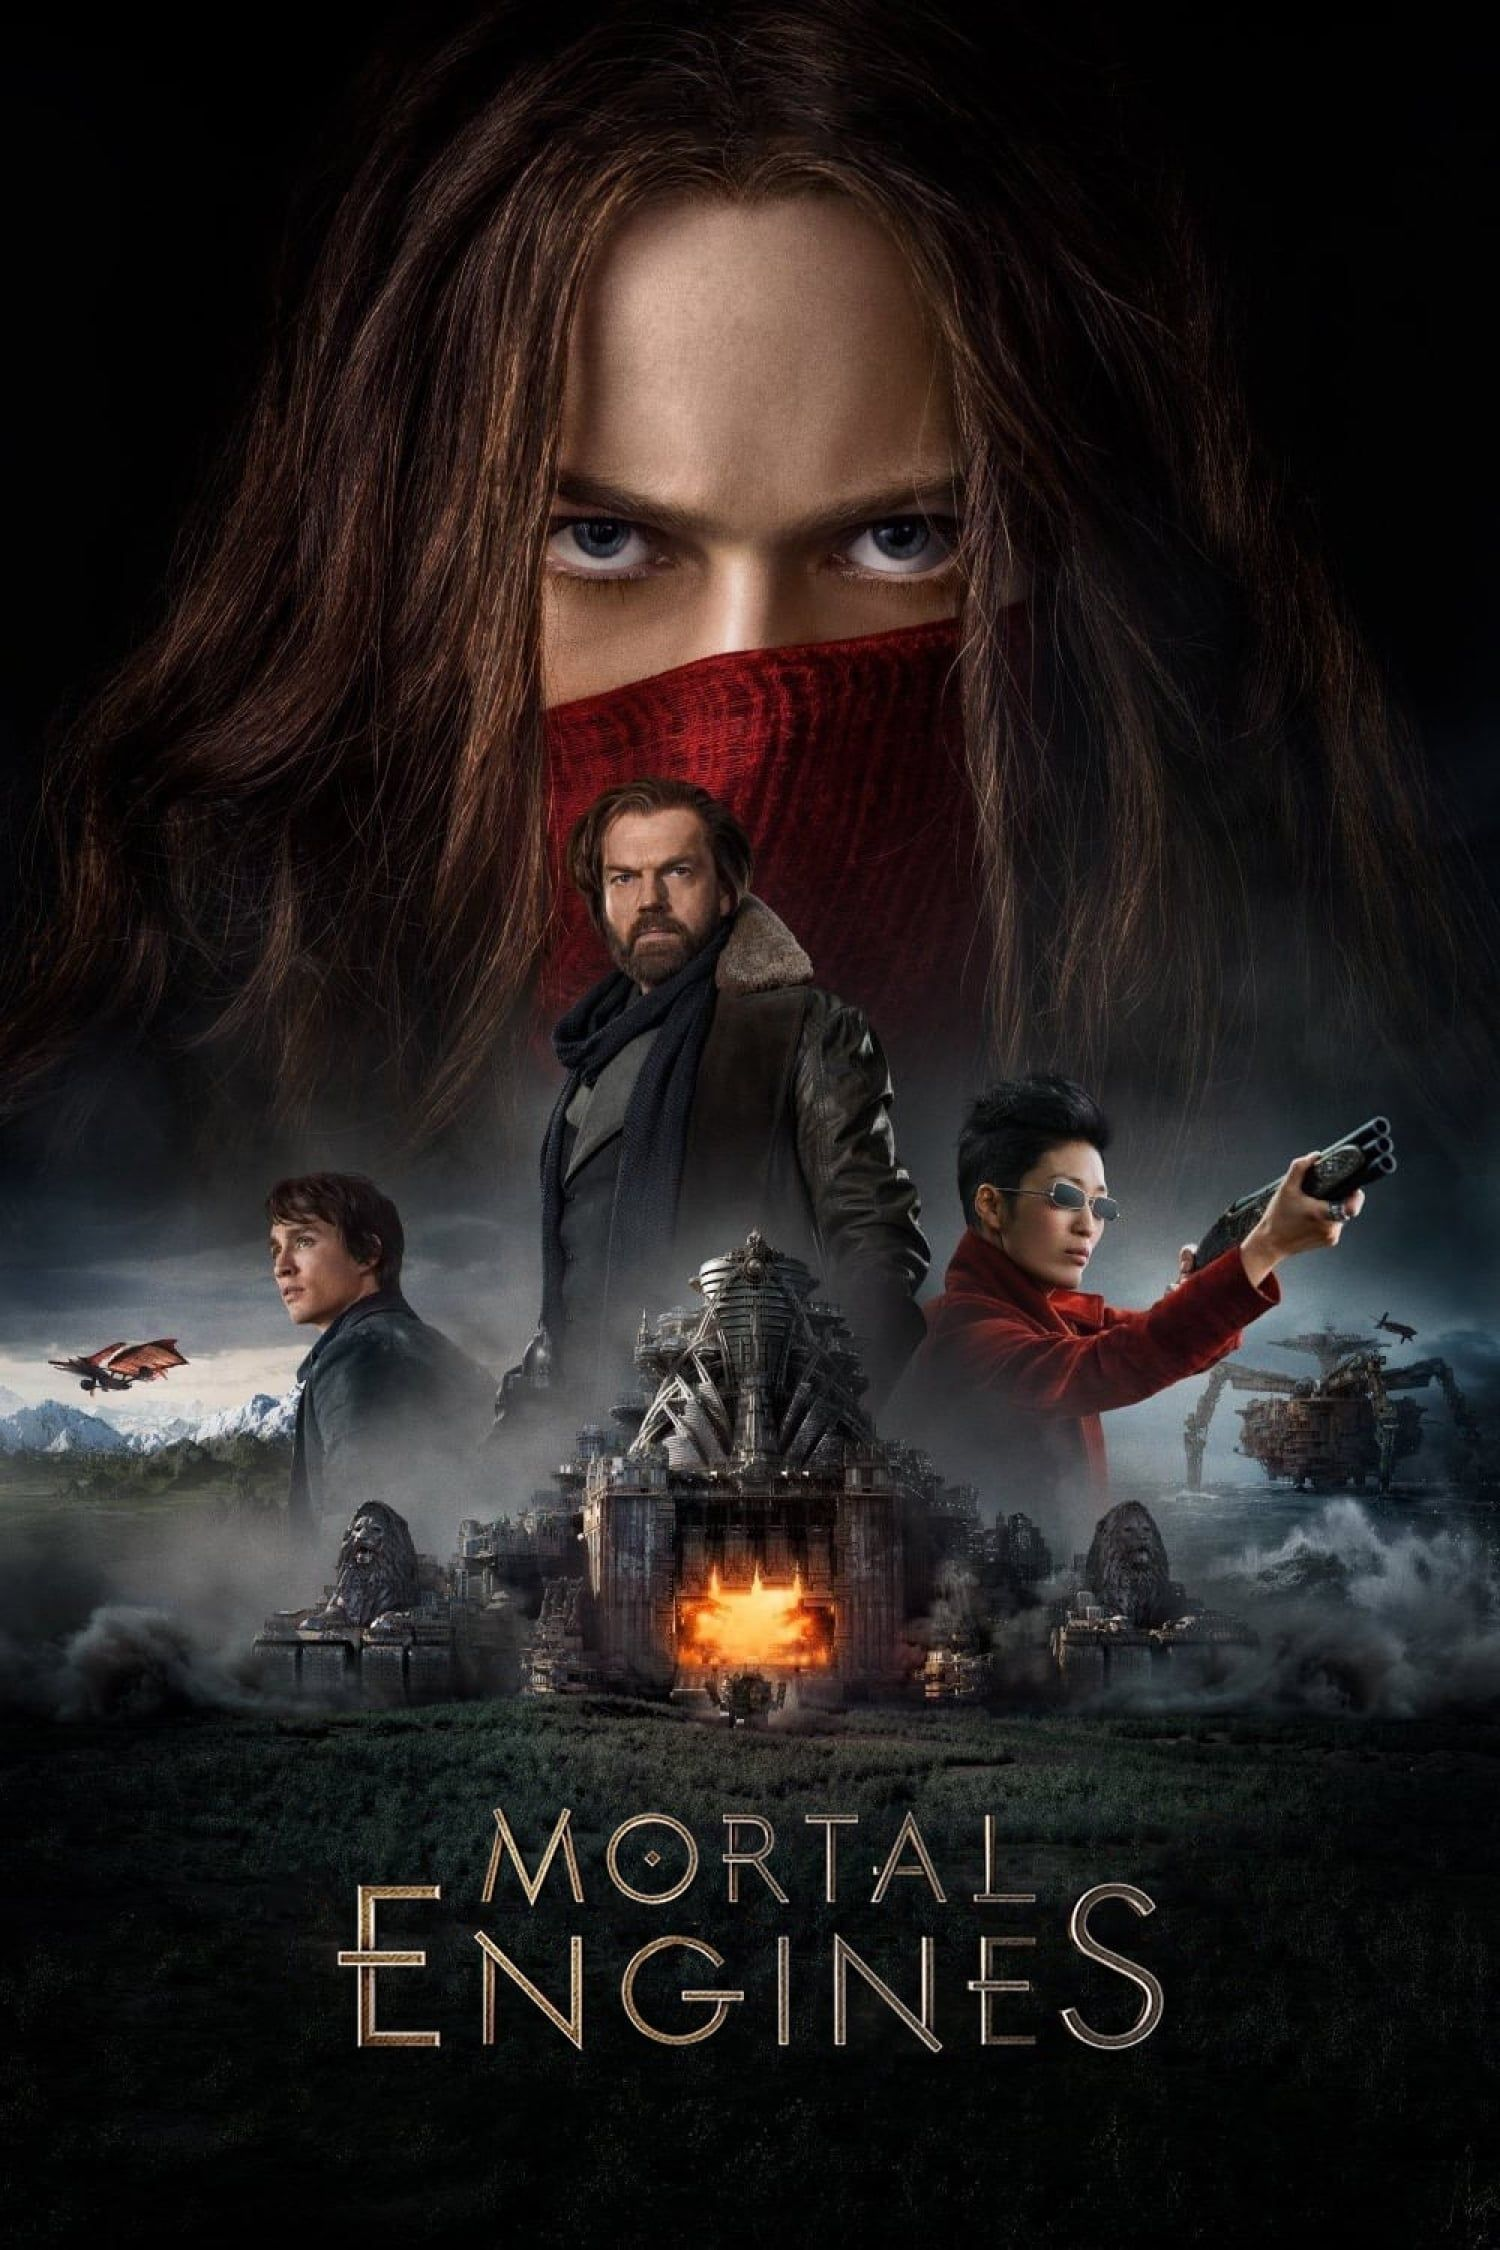 Descargar Mortal Engines 2018 Pelicula Completa Ver Hd Espanol